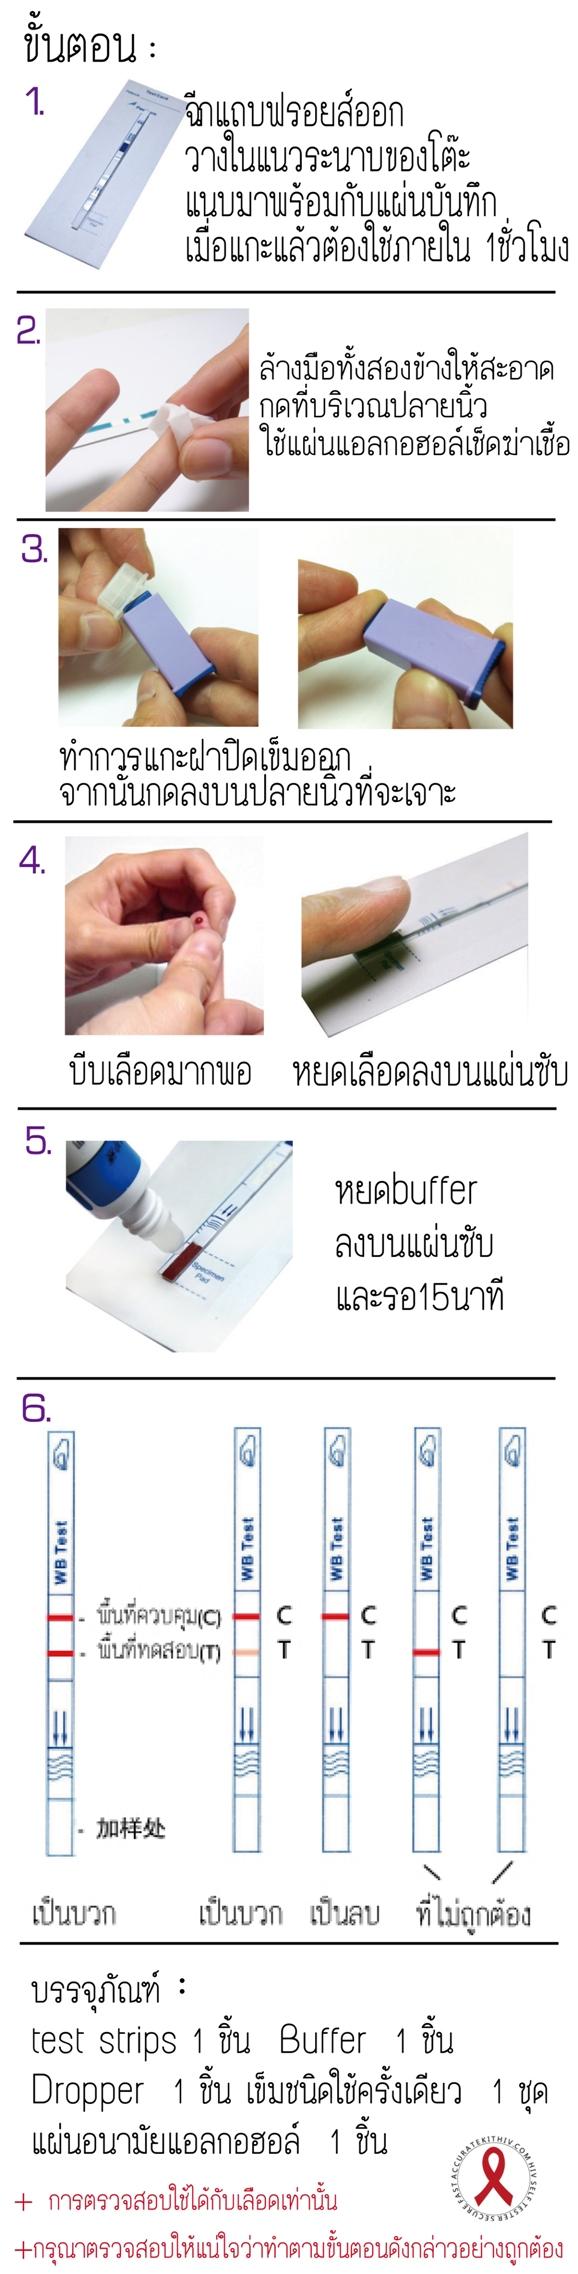 梅毒使用方法-th-03